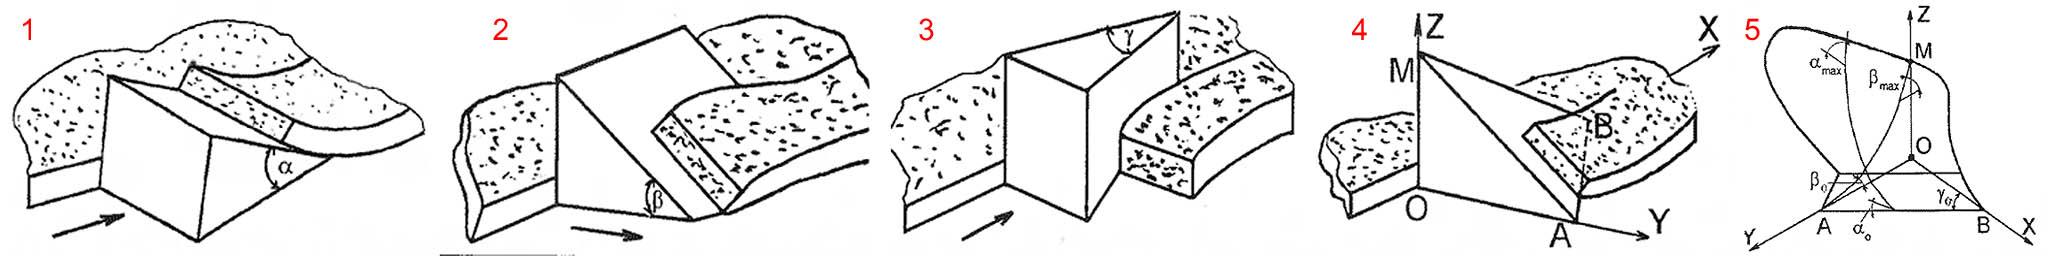 Принцип работы лемешного плуга